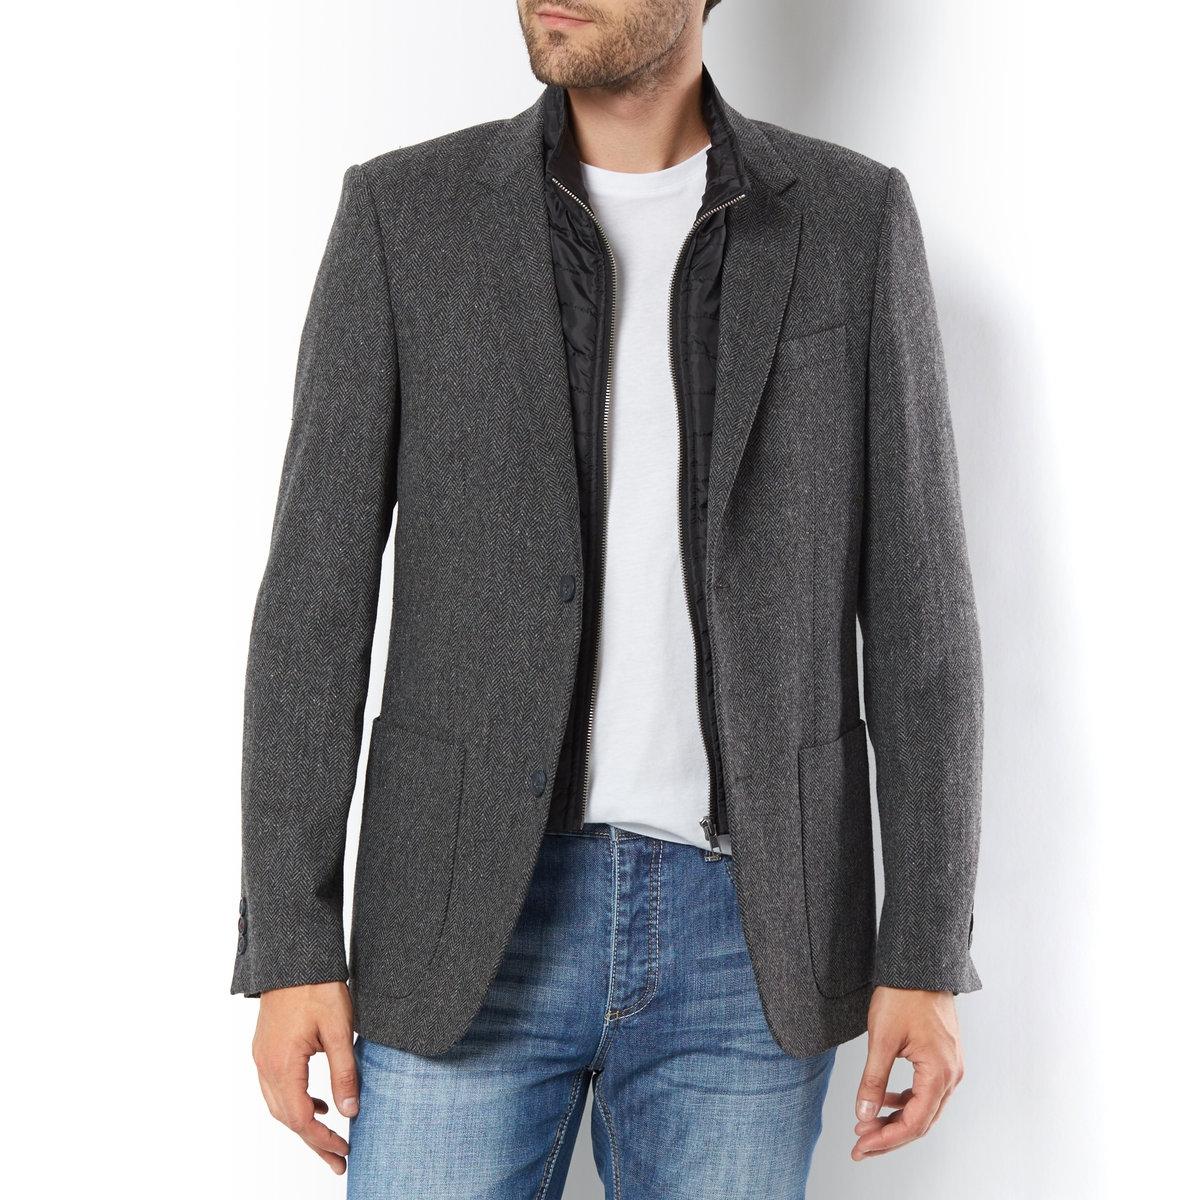 Пиджак костюмныйПиджак с рисунком елочка 2 в 1. Налокотники из искусственной замши. 45% поиэстера, 35% шерсти, 15% вискозы, 5% других волокон. Длина 75 см.<br><br>Цвет: в серую елочку<br>Размер: 44.42